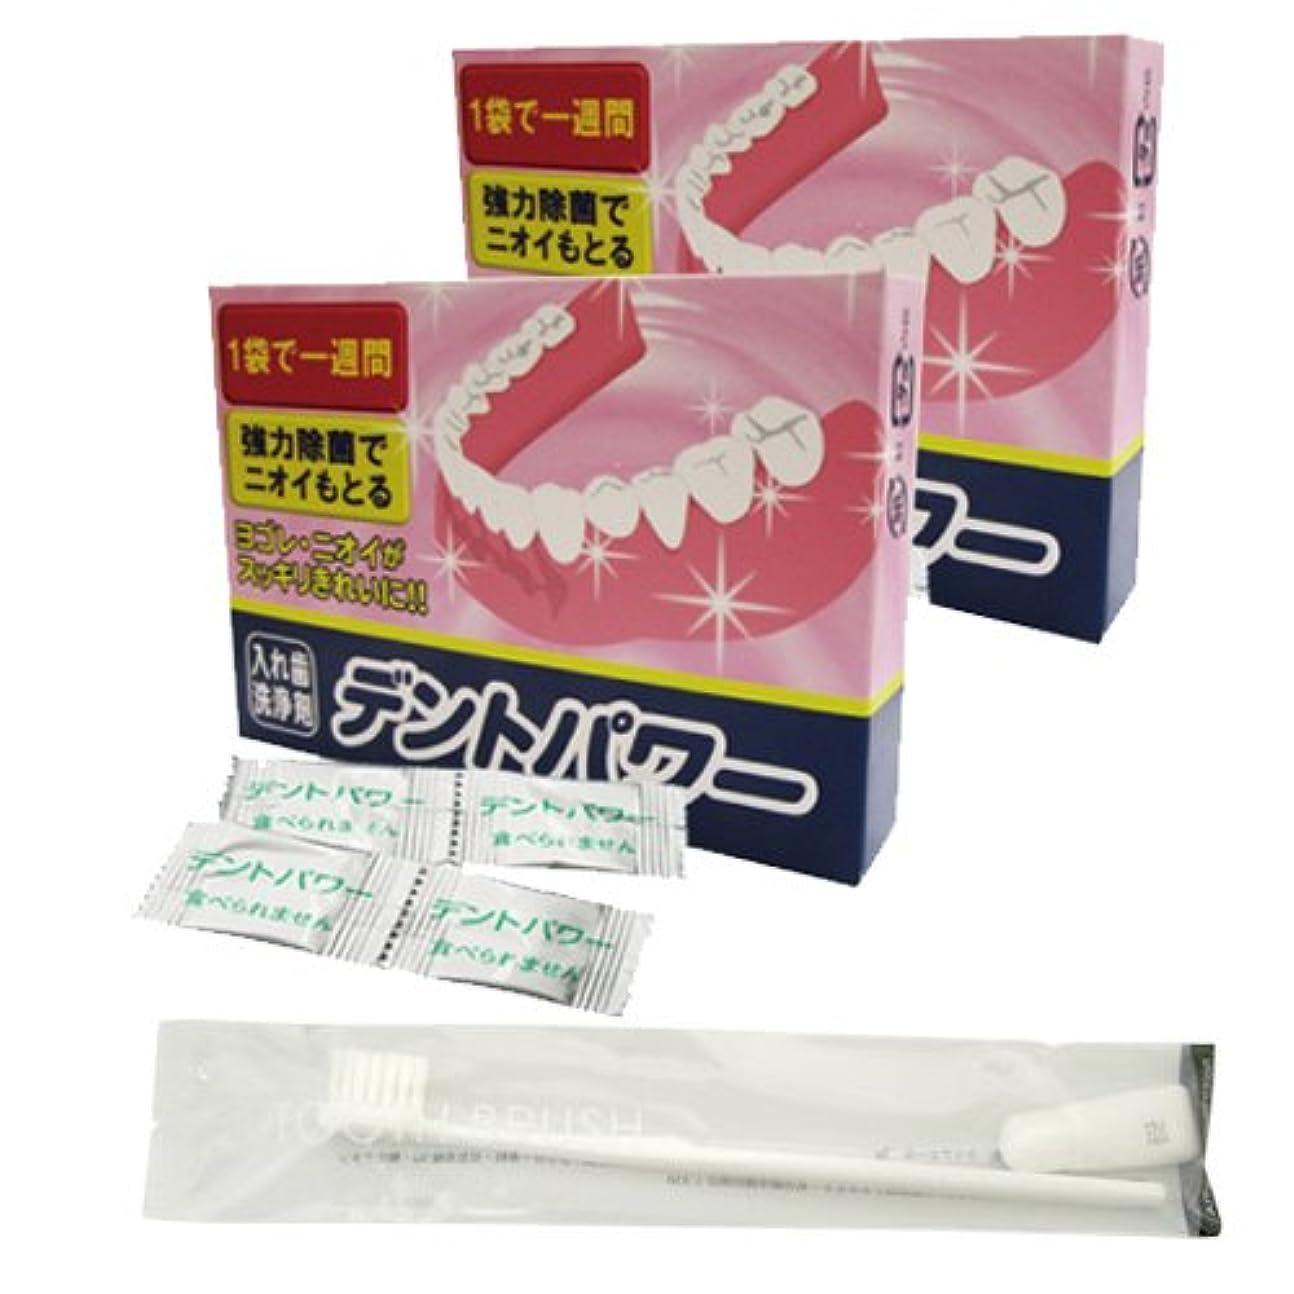 アカウントレッスン修復デントパワー 入れ歯洗浄剤 10ヵ月用(専用ケース無し) + デントパワー5ヵ月用 + 粉付き歯ブラシ セット